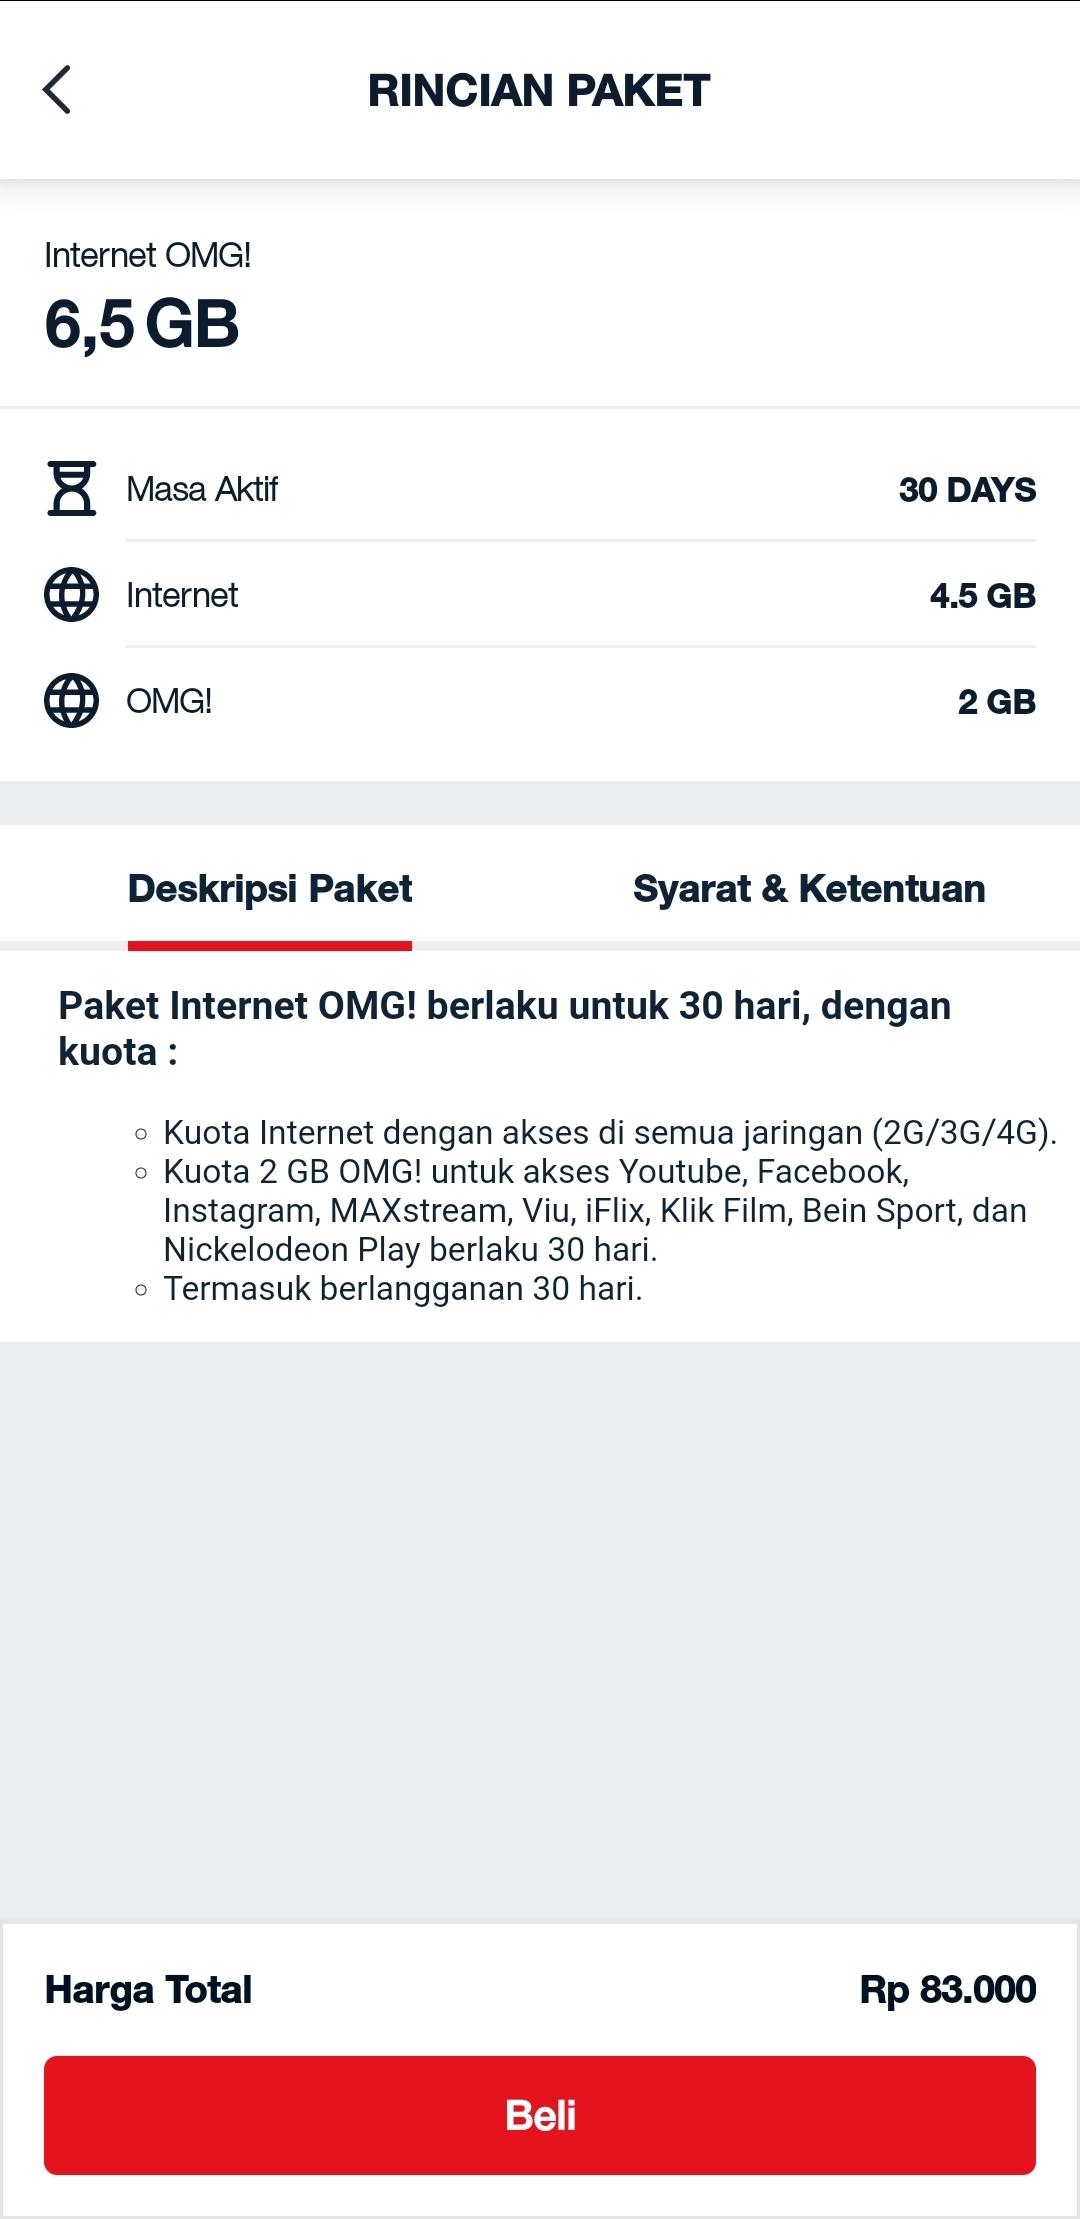 Internet OMG 6,5 GB